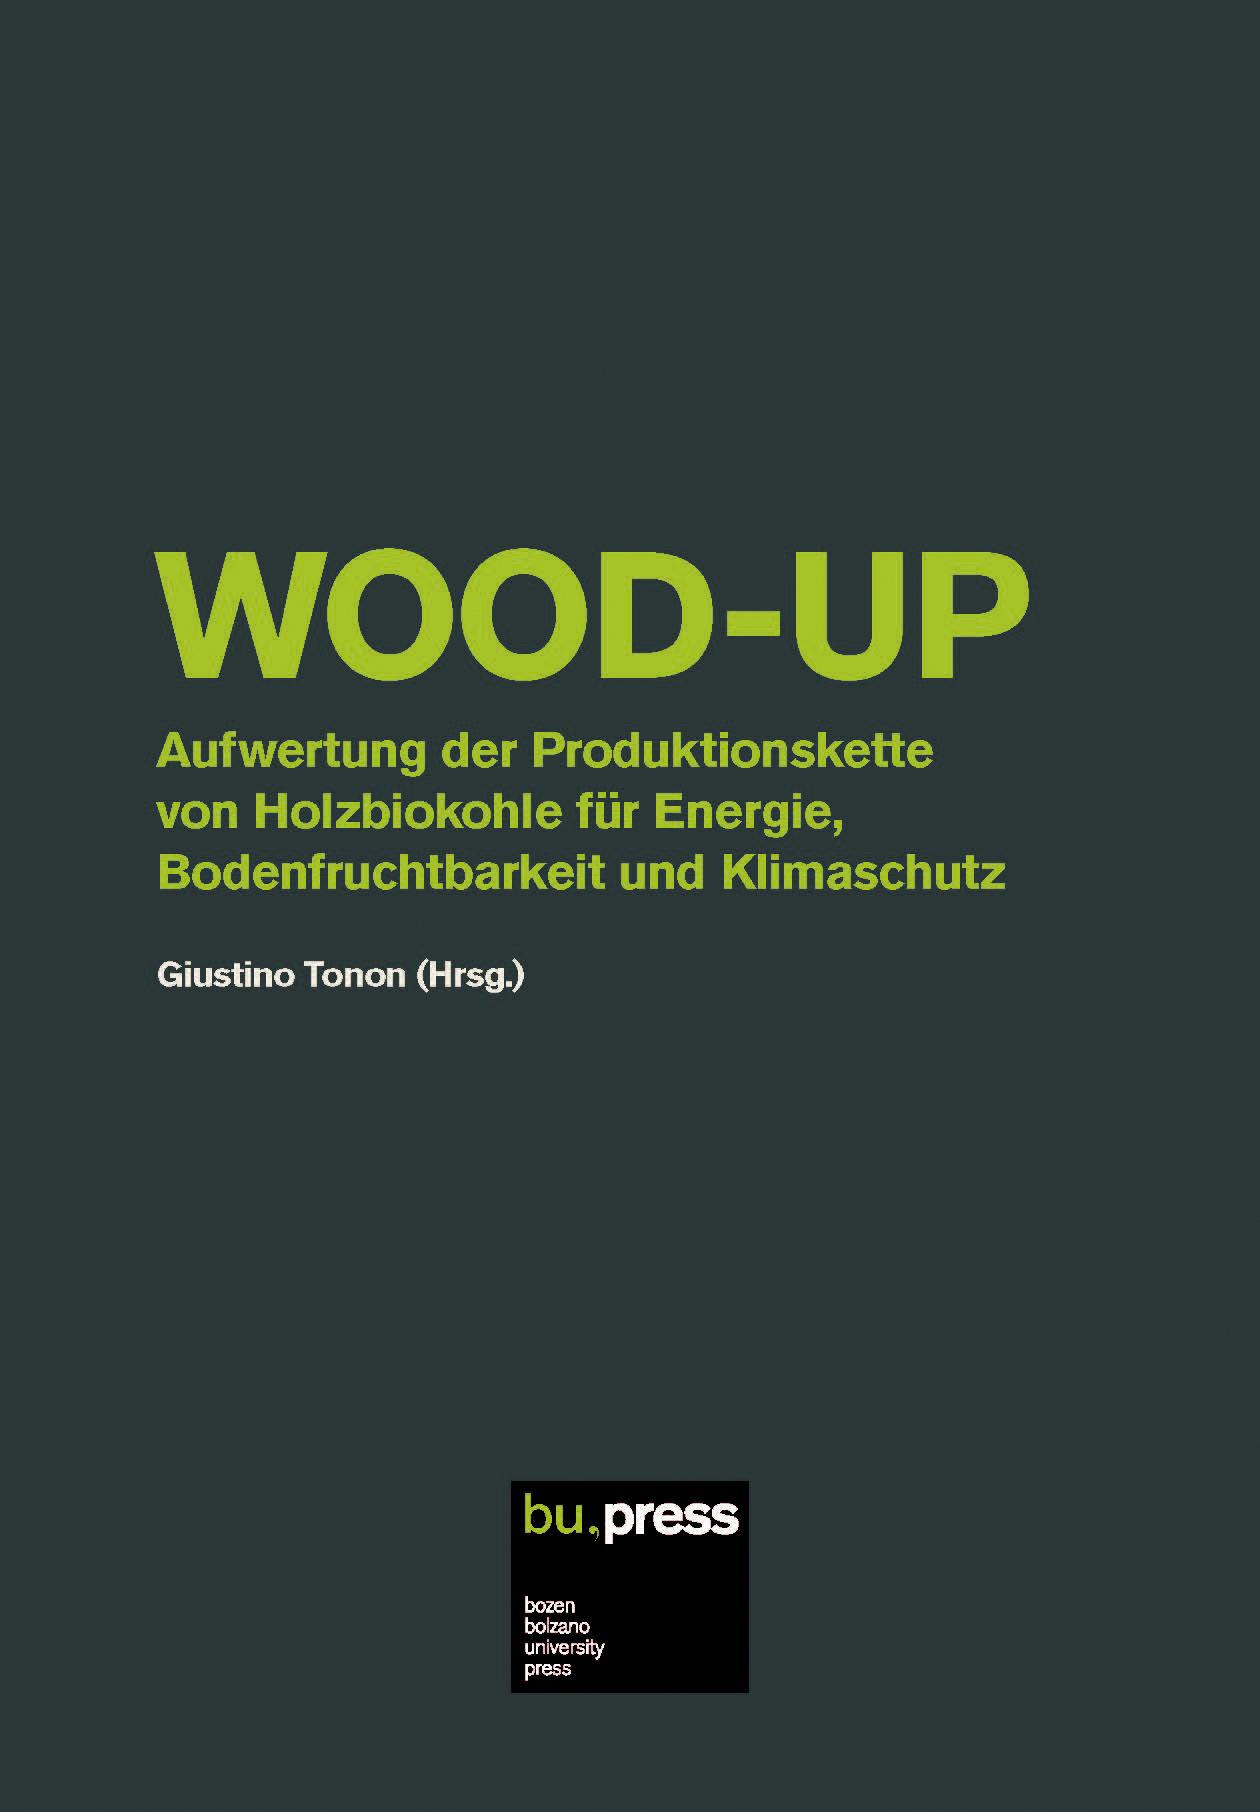 Cover of WOOD-UP – Aufwertung der Produktionskette von Holzbiokohle für Energie, Bodenfruchtbarkeit und Klimaschutz